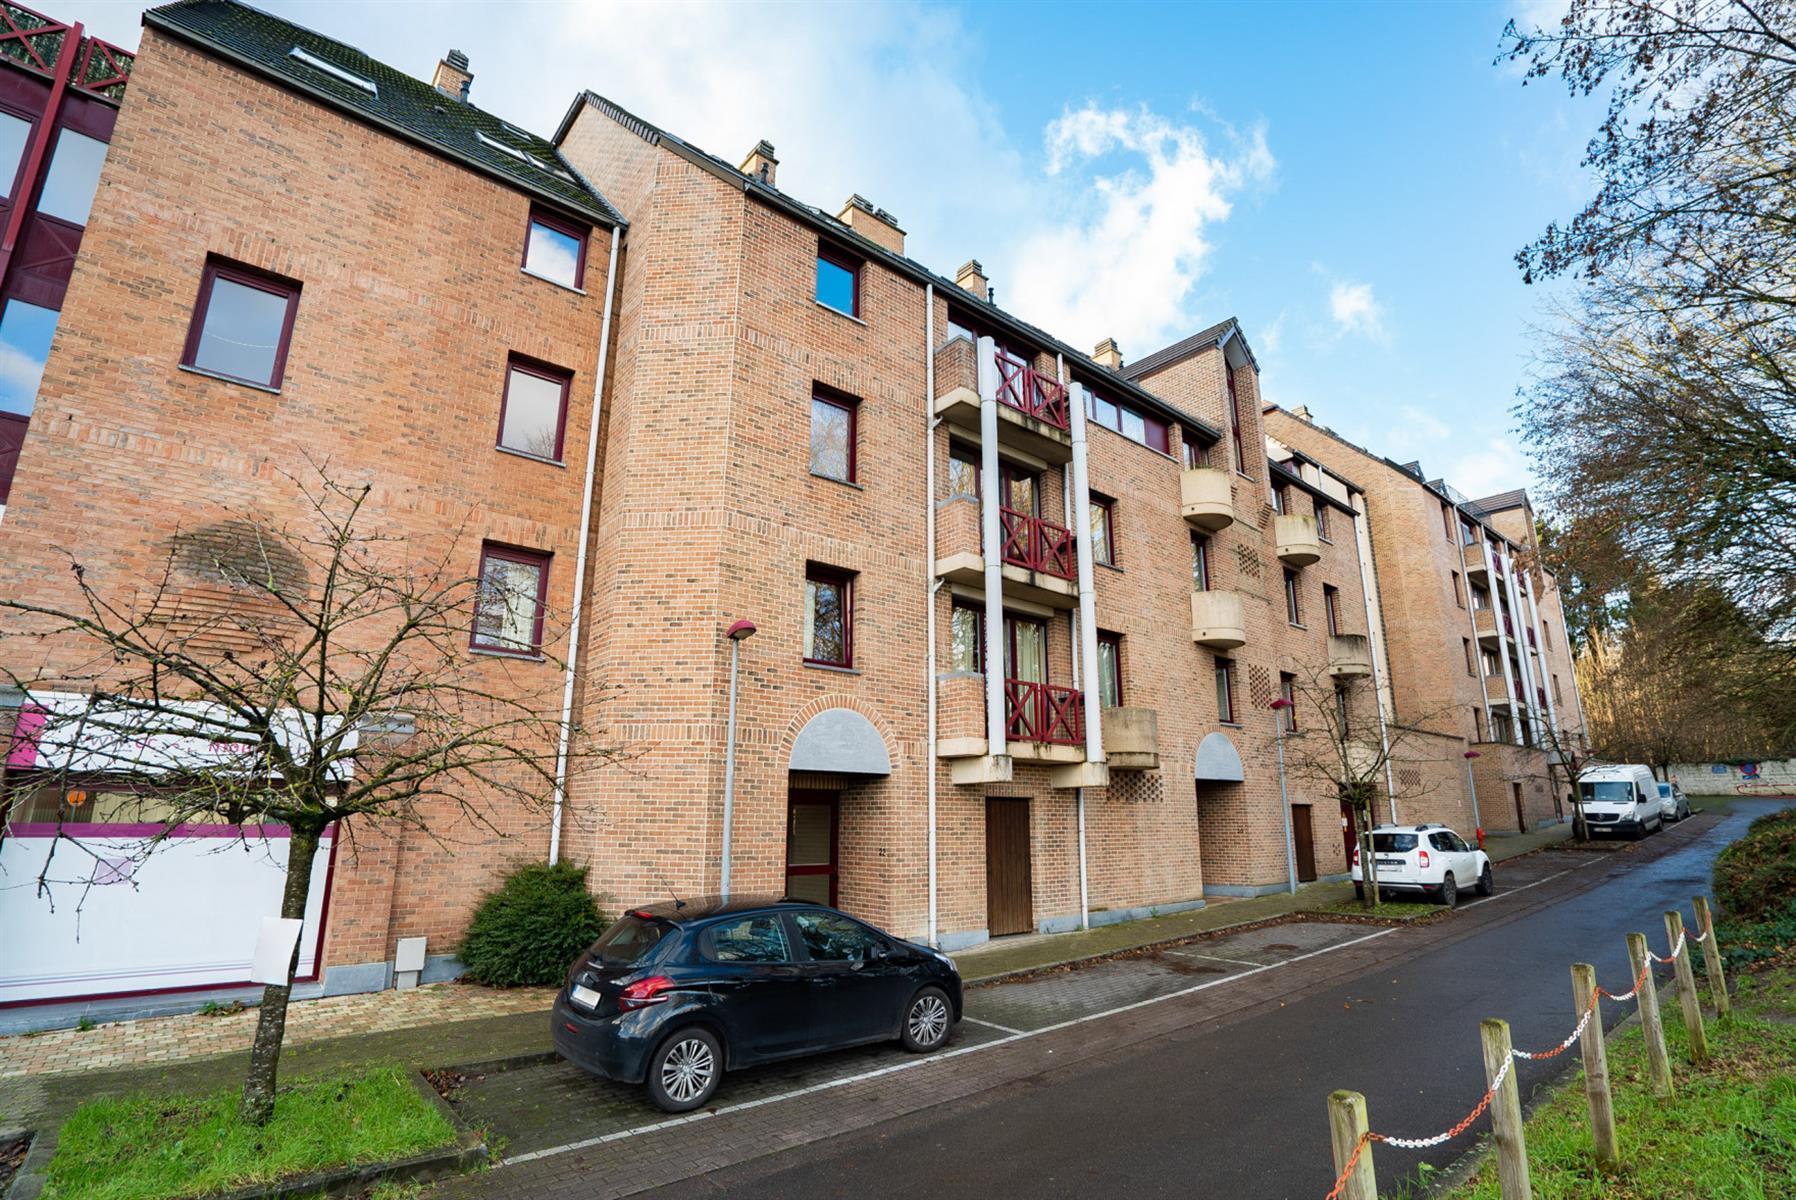 Appartement - Ottignies-Louvain-la-Neuve - #4254648-0